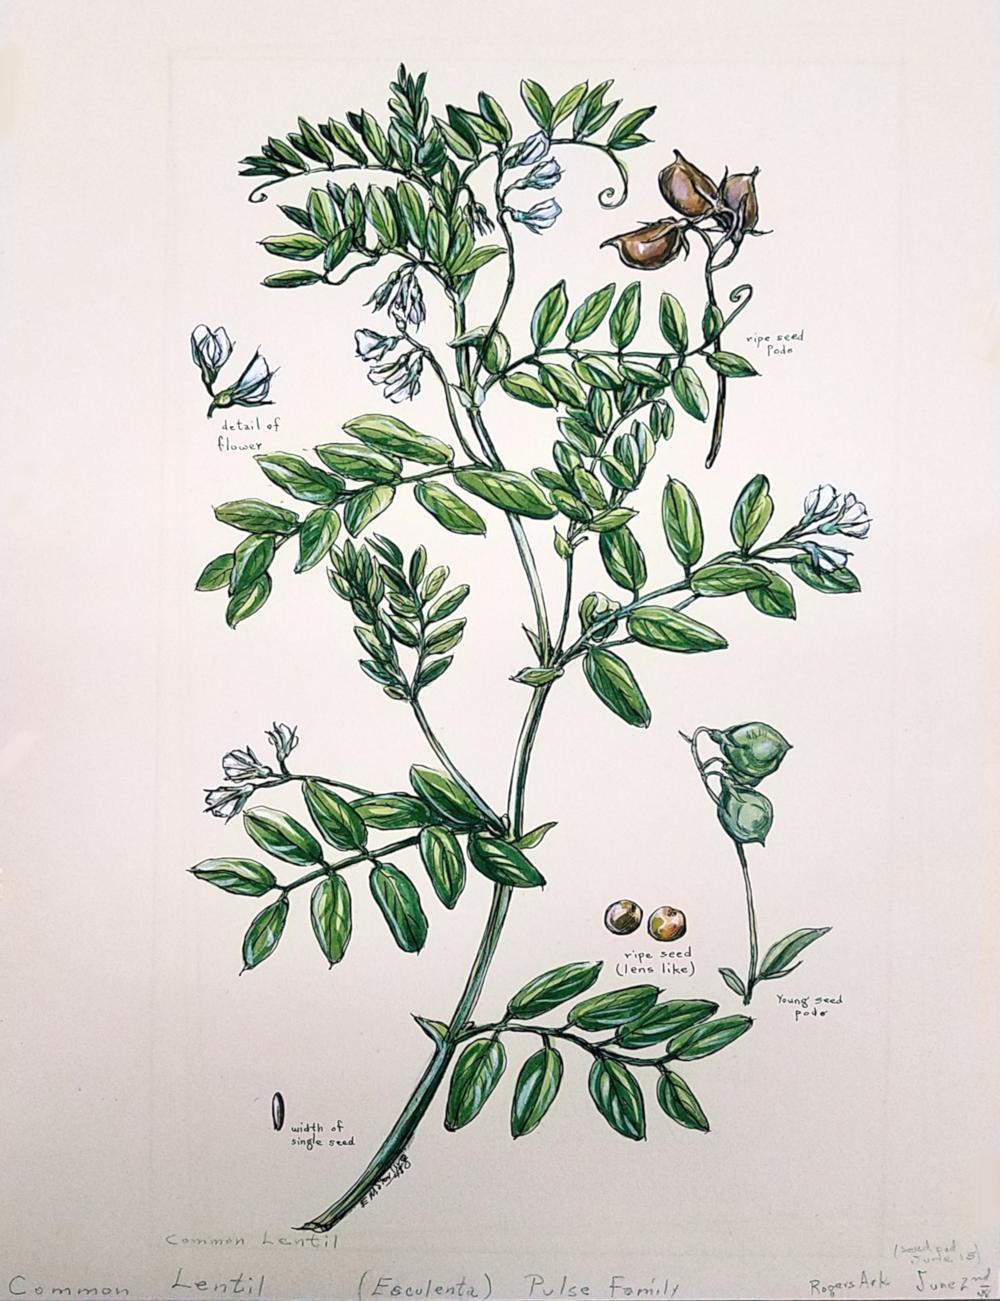 Common Lentil